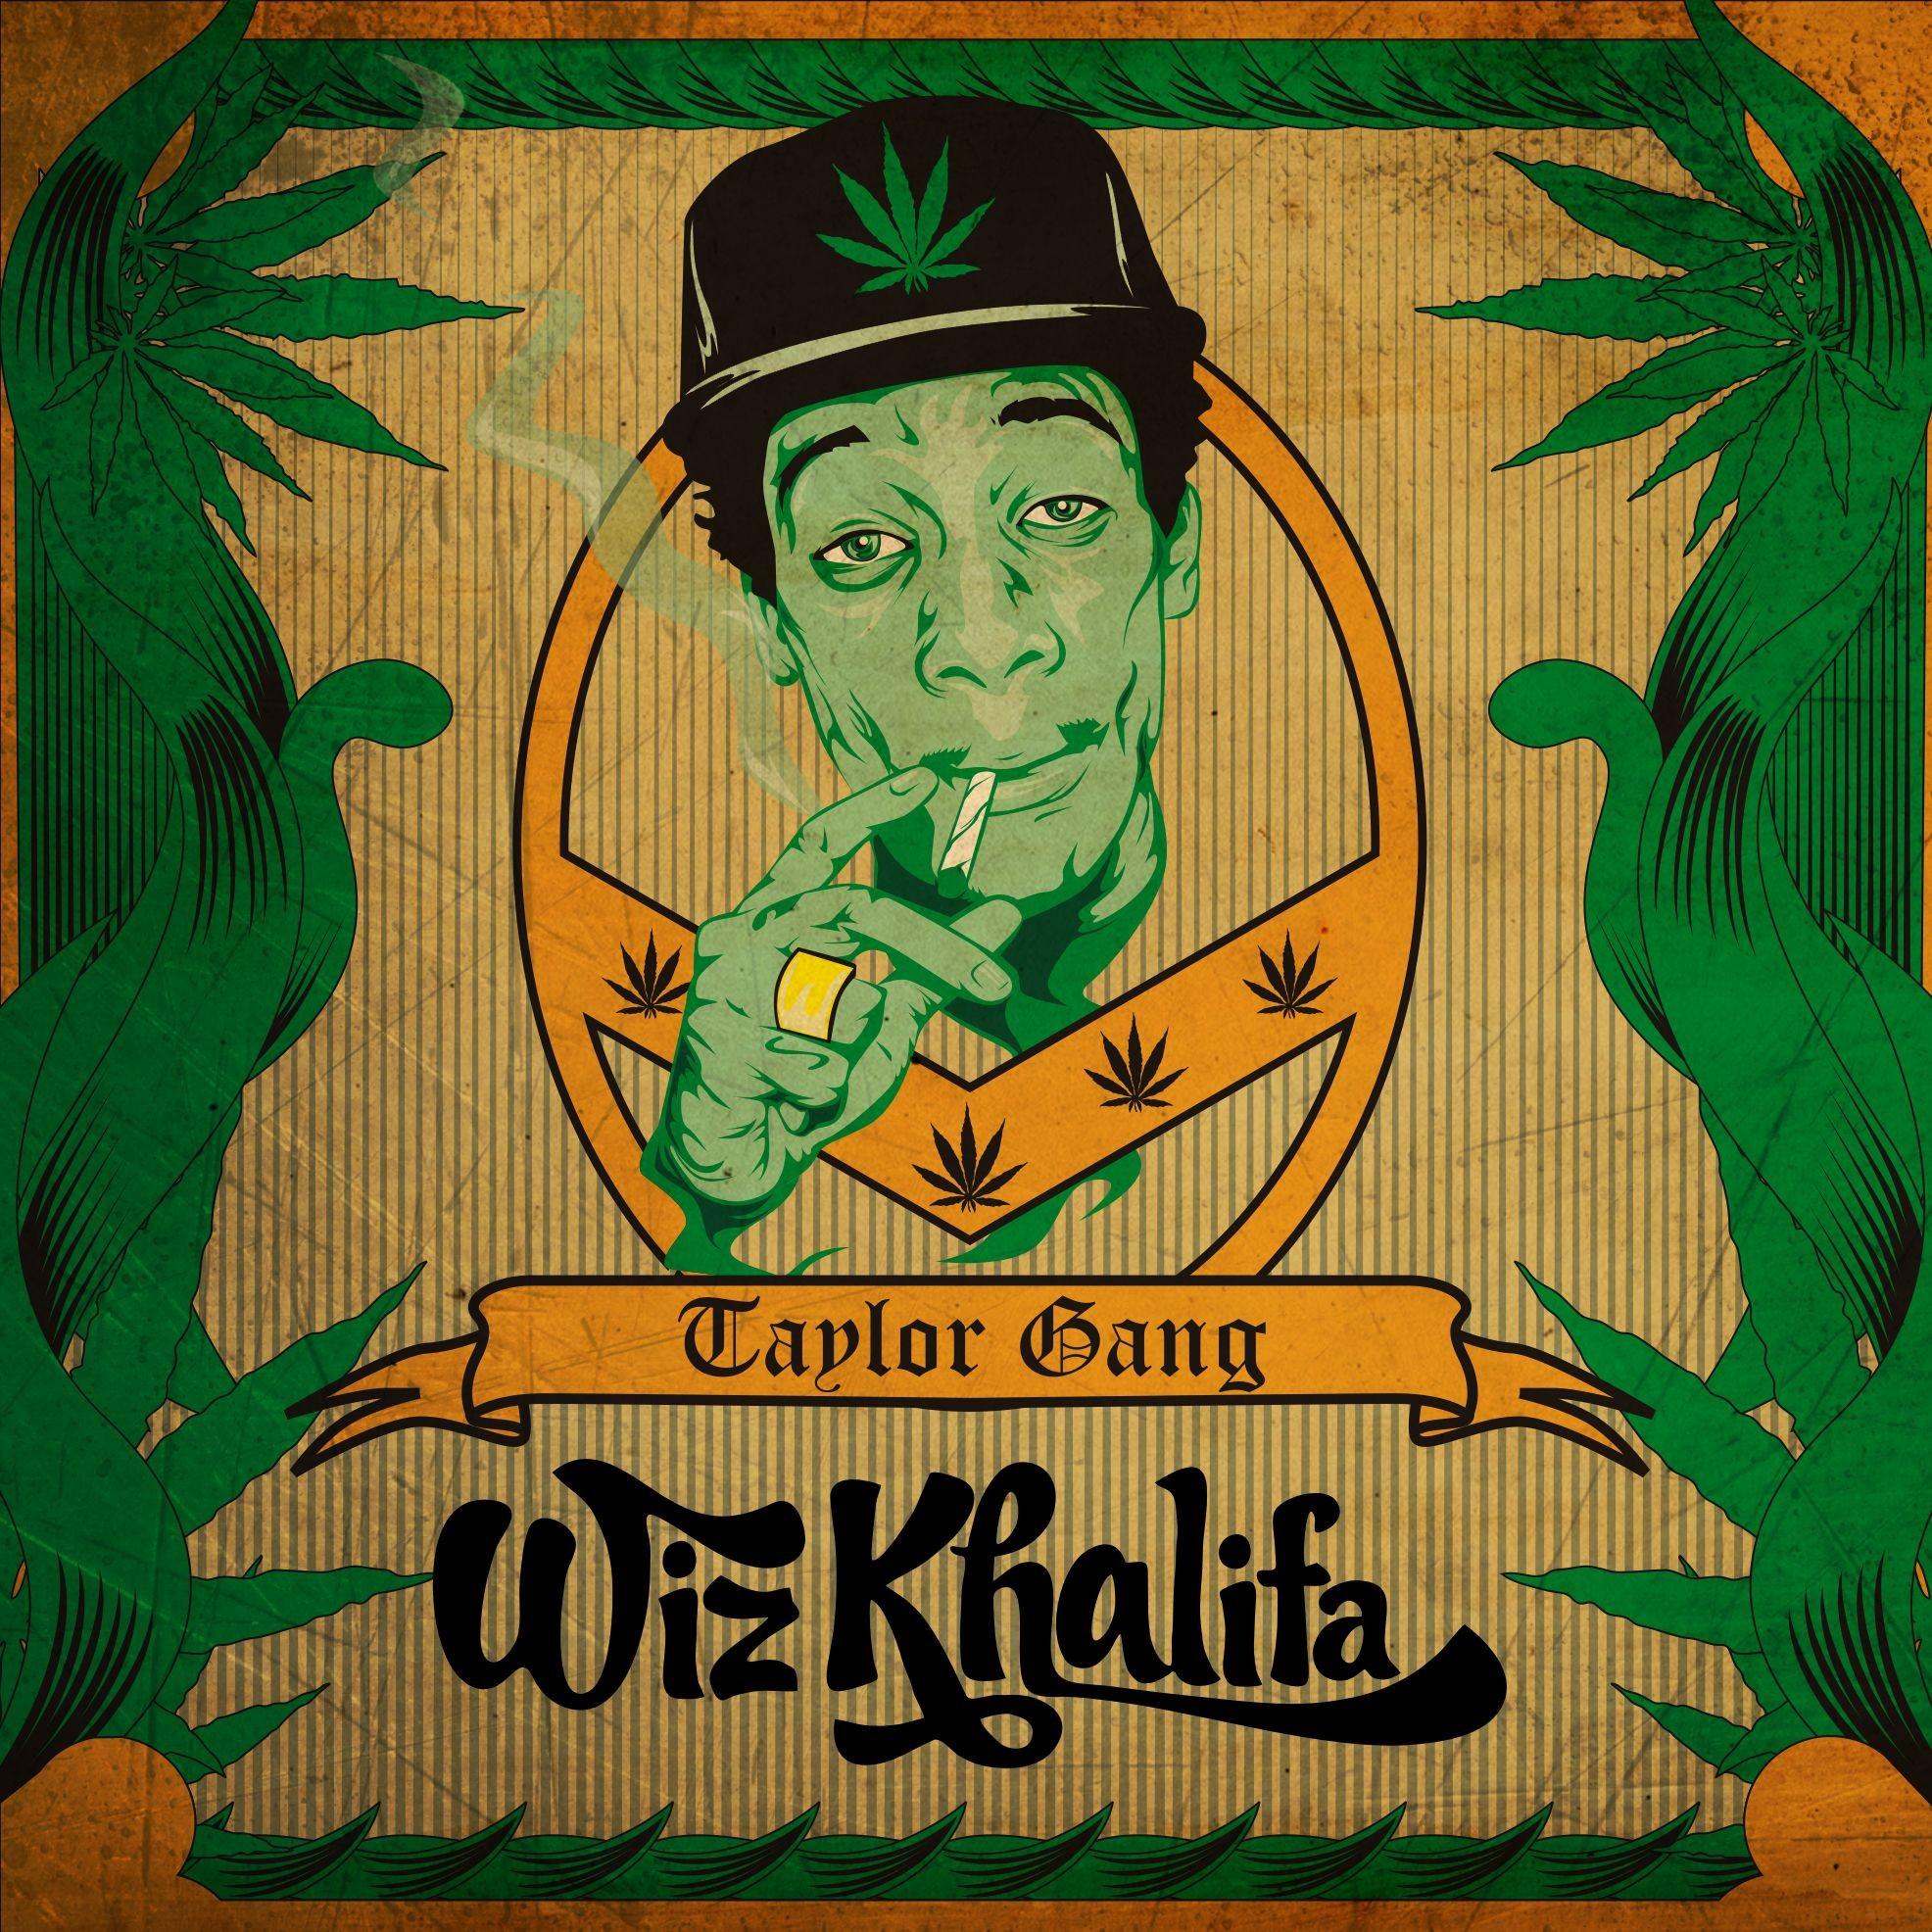 Wiz Khalifa Hd Wallpaper Posted By John Walker